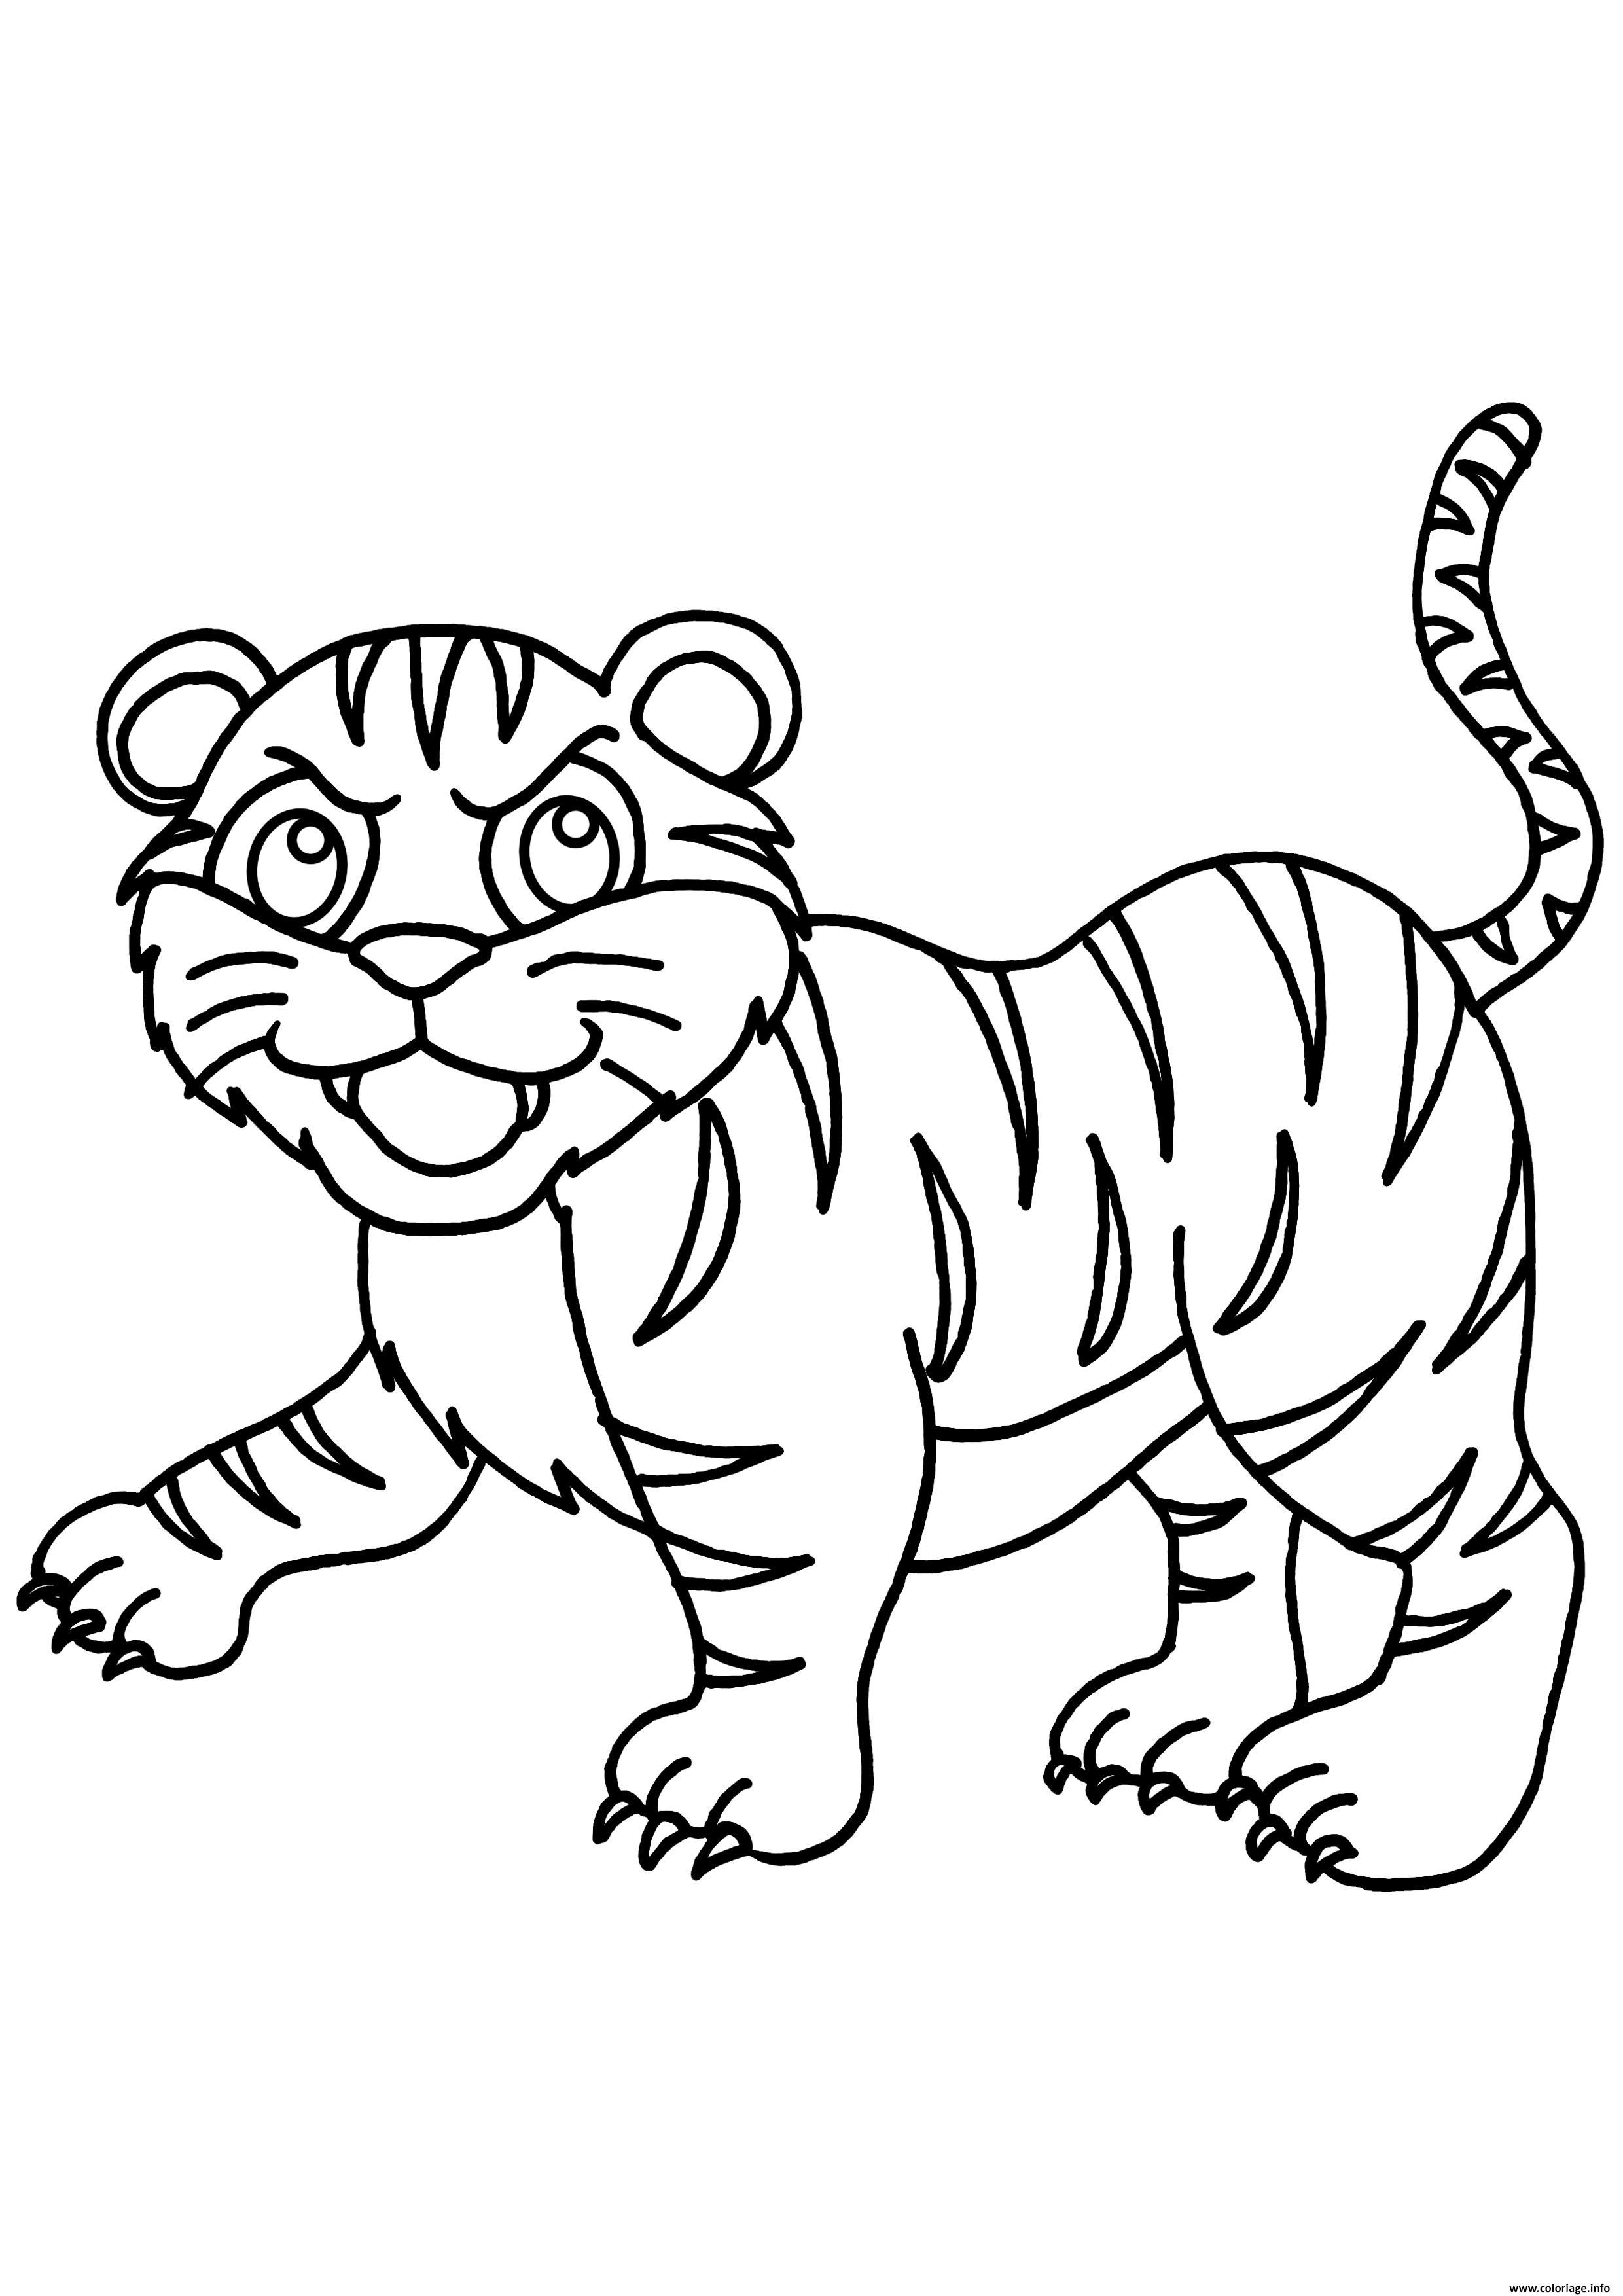 Dessin tigre de la famille panthera tigris Coloriage Gratuit à Imprimer